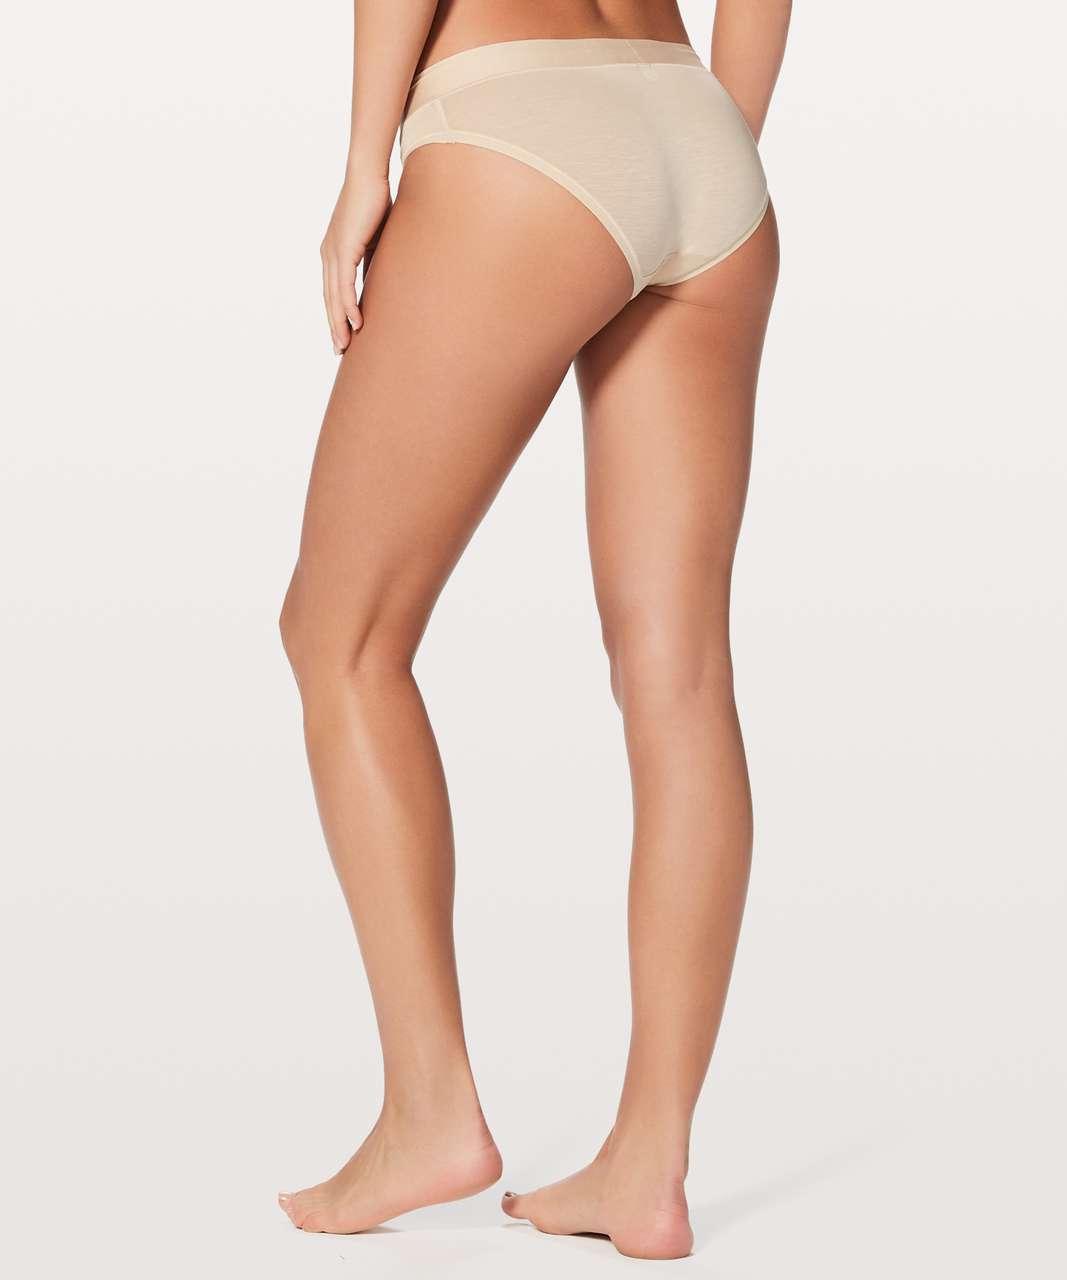 Lululemon Mula Bandhawear Bikini - Chantilly